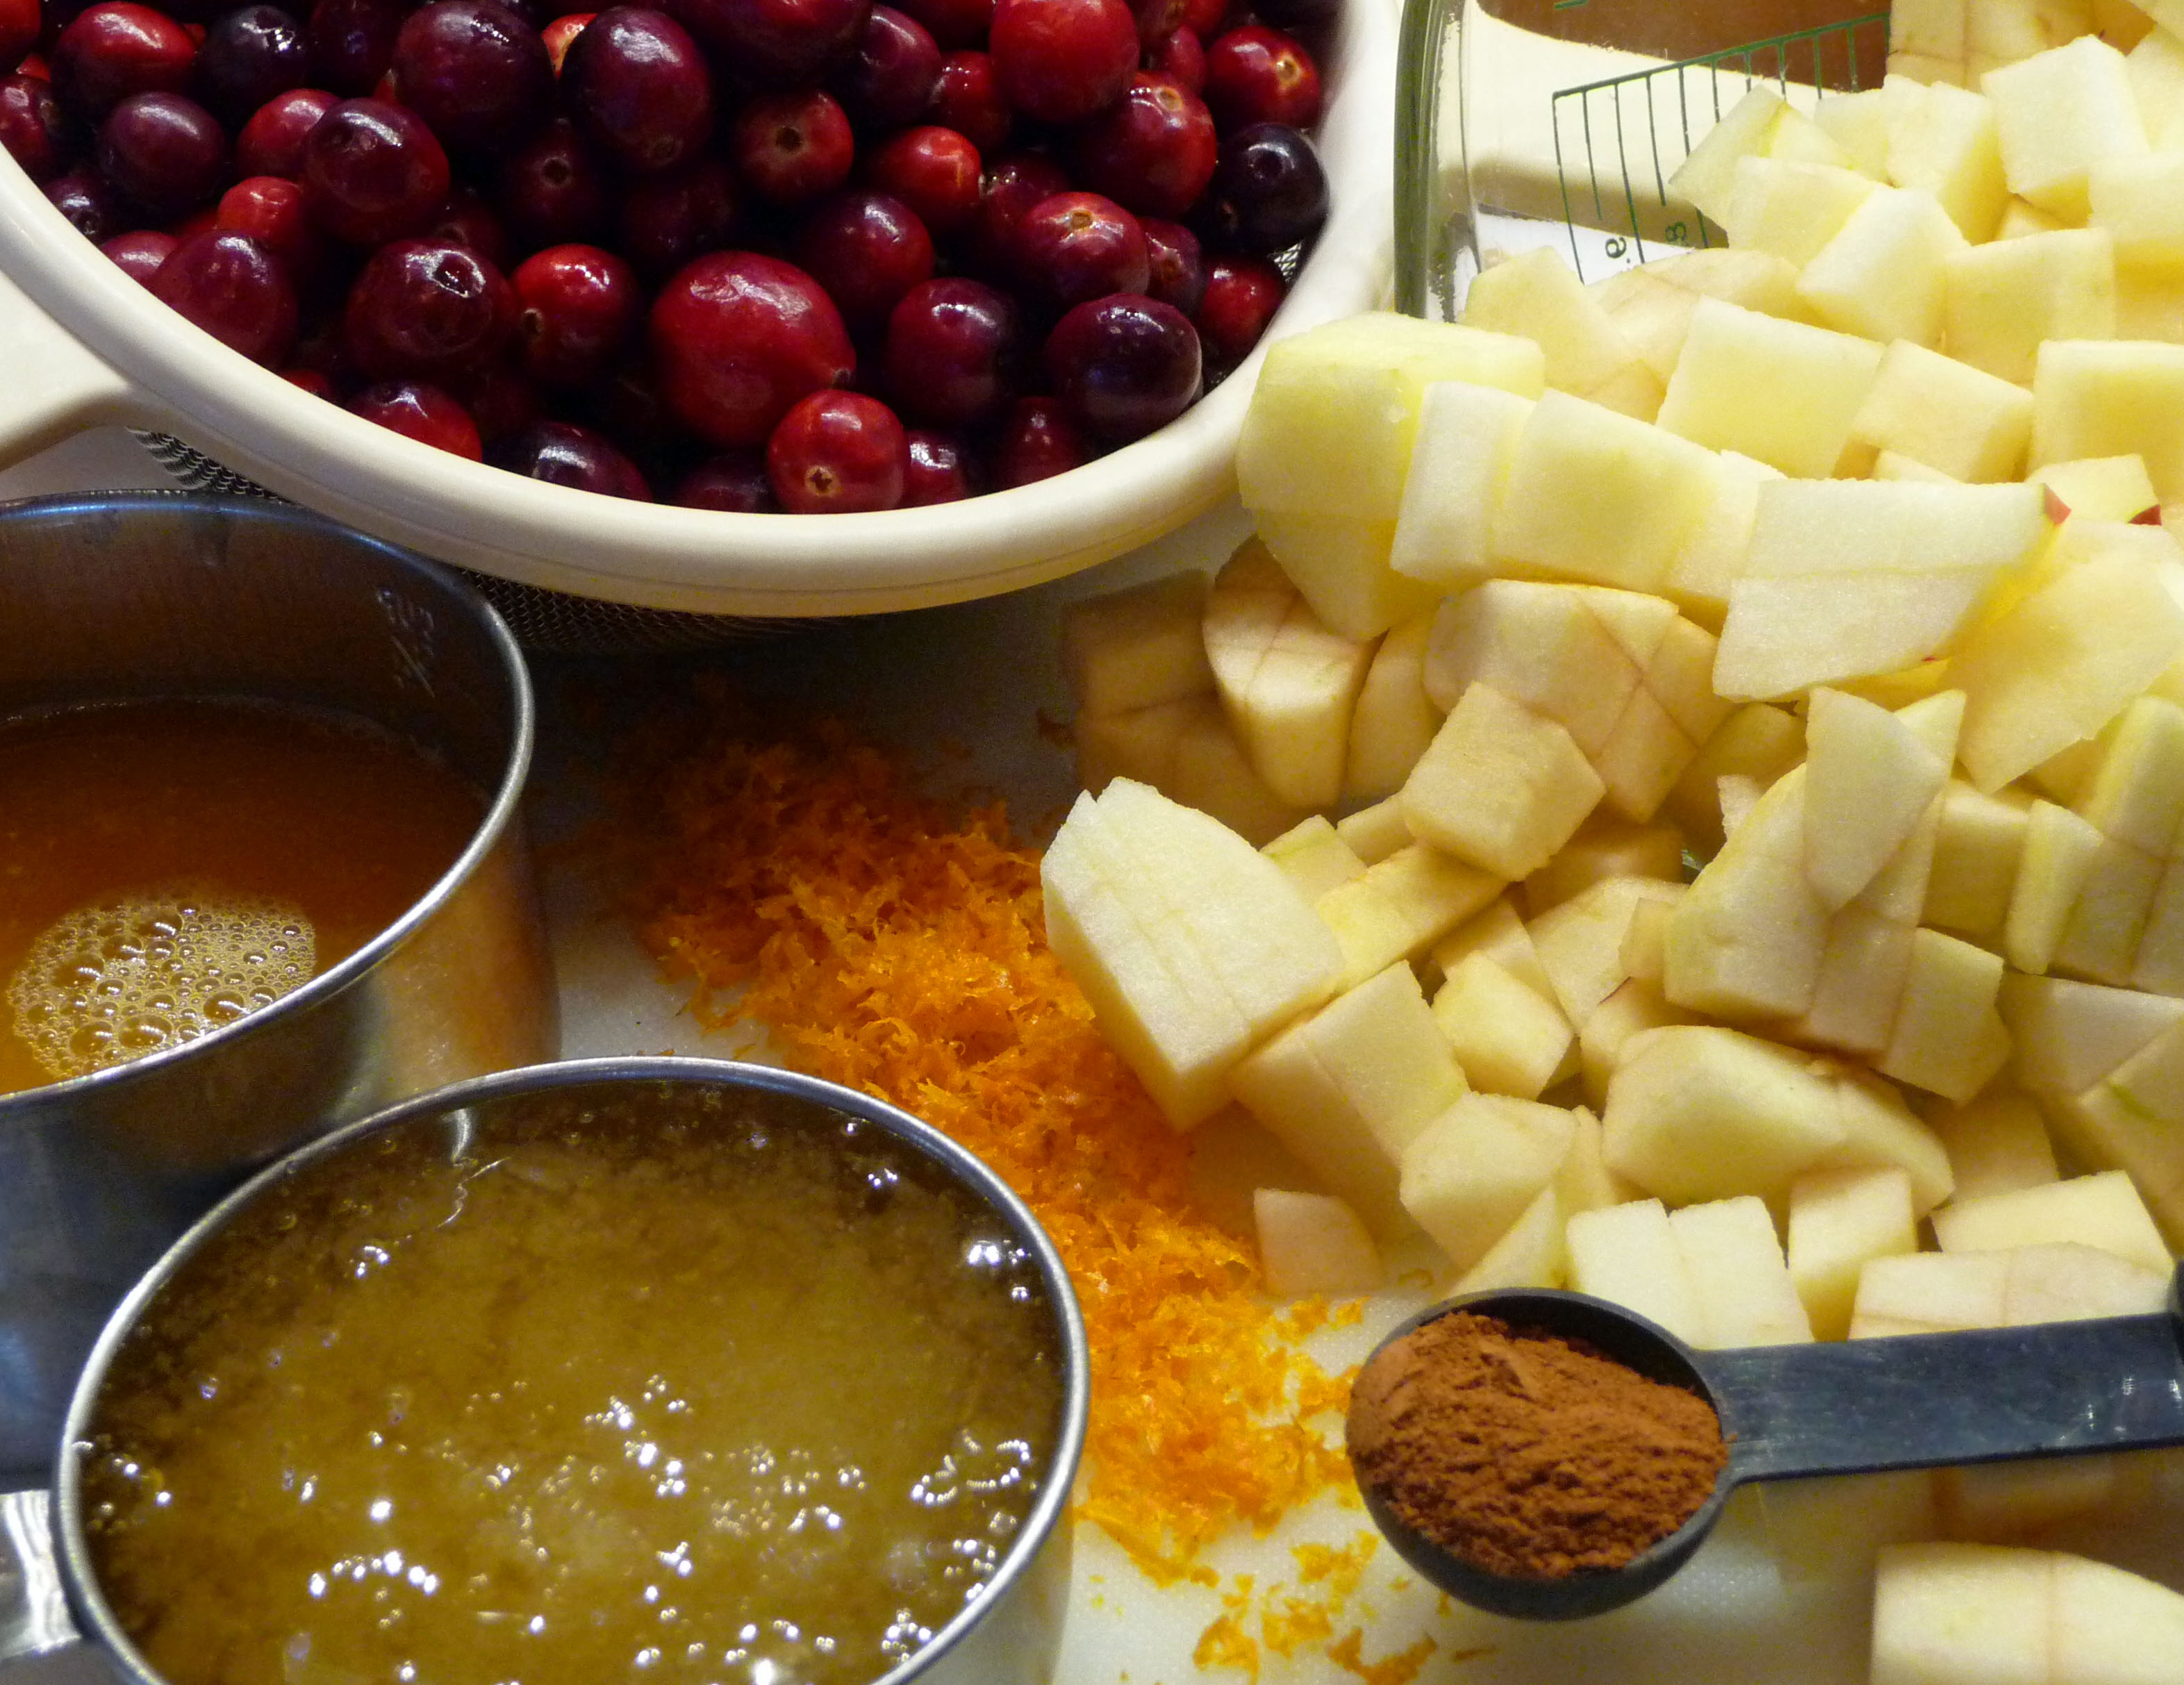 Ingredients for Cranberry Apple Crostata filling (c) jfhaugen